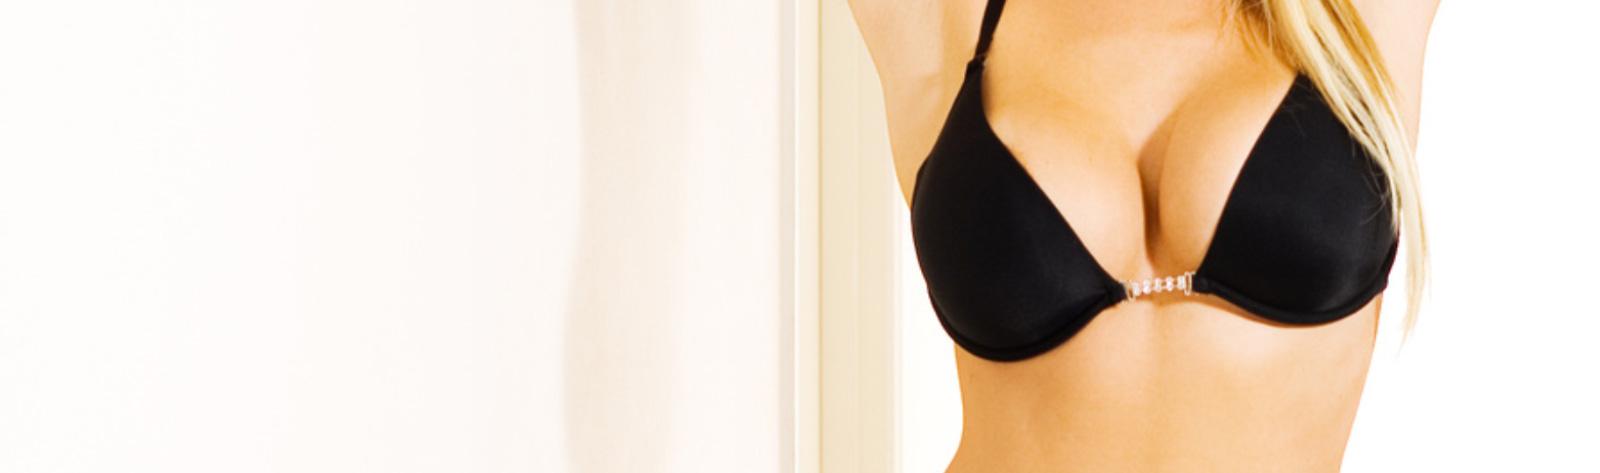 5 powikłań które pojawiają się po wszczepieniu zbyt dużych implantów piersi